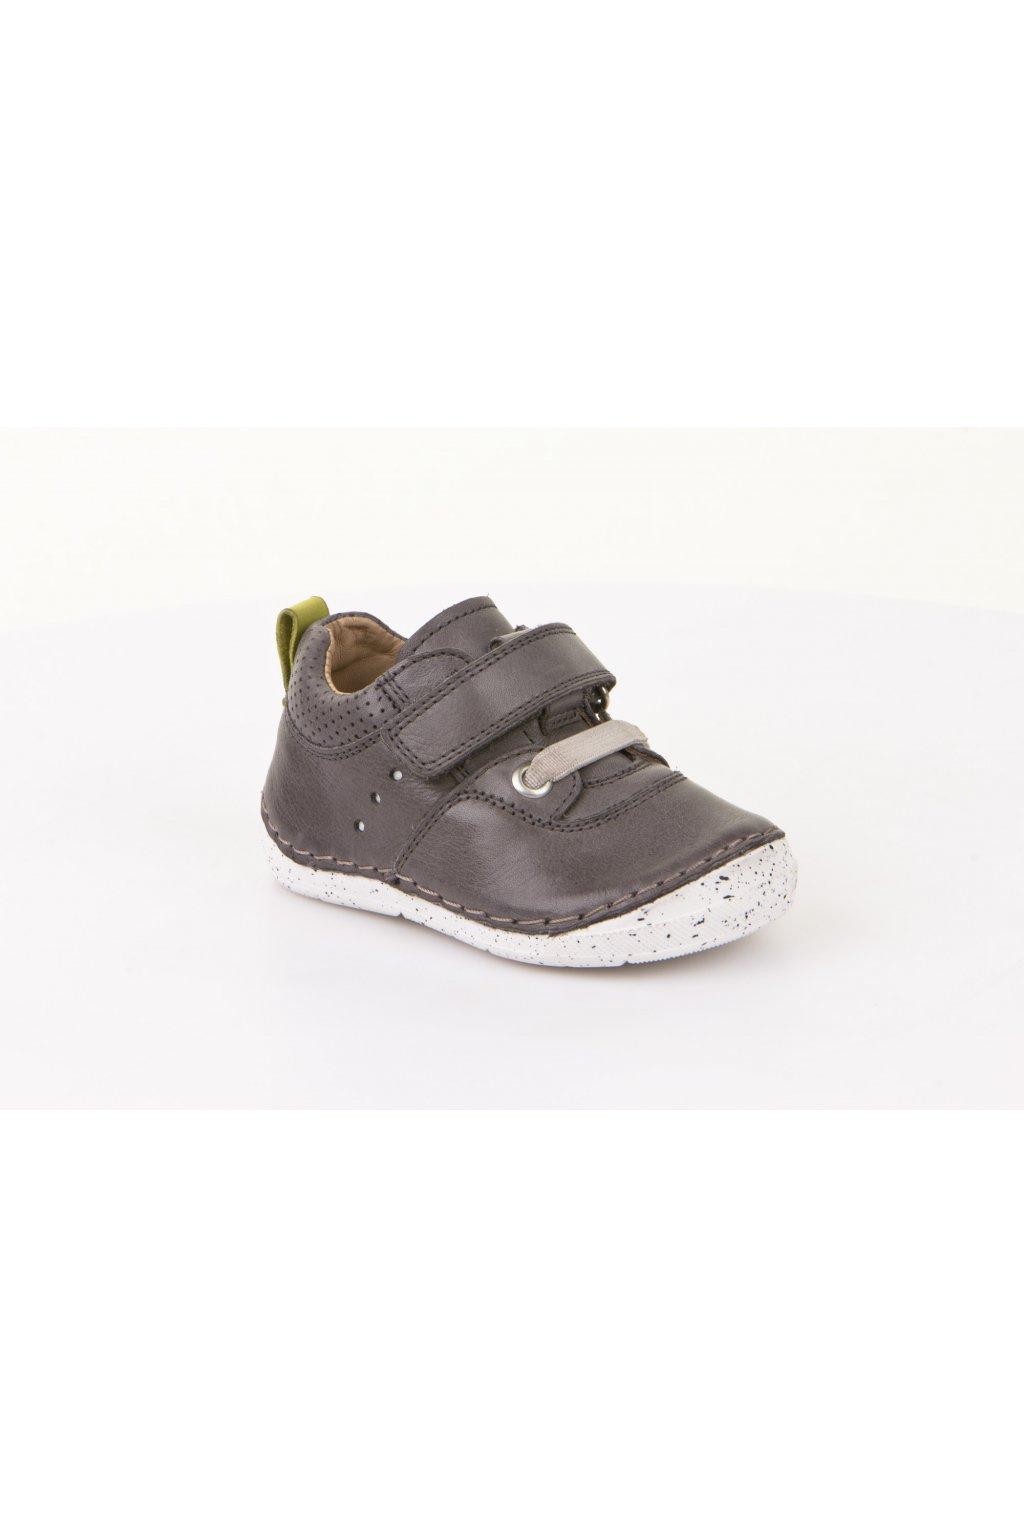 Froddo Shoes nízke- šedé